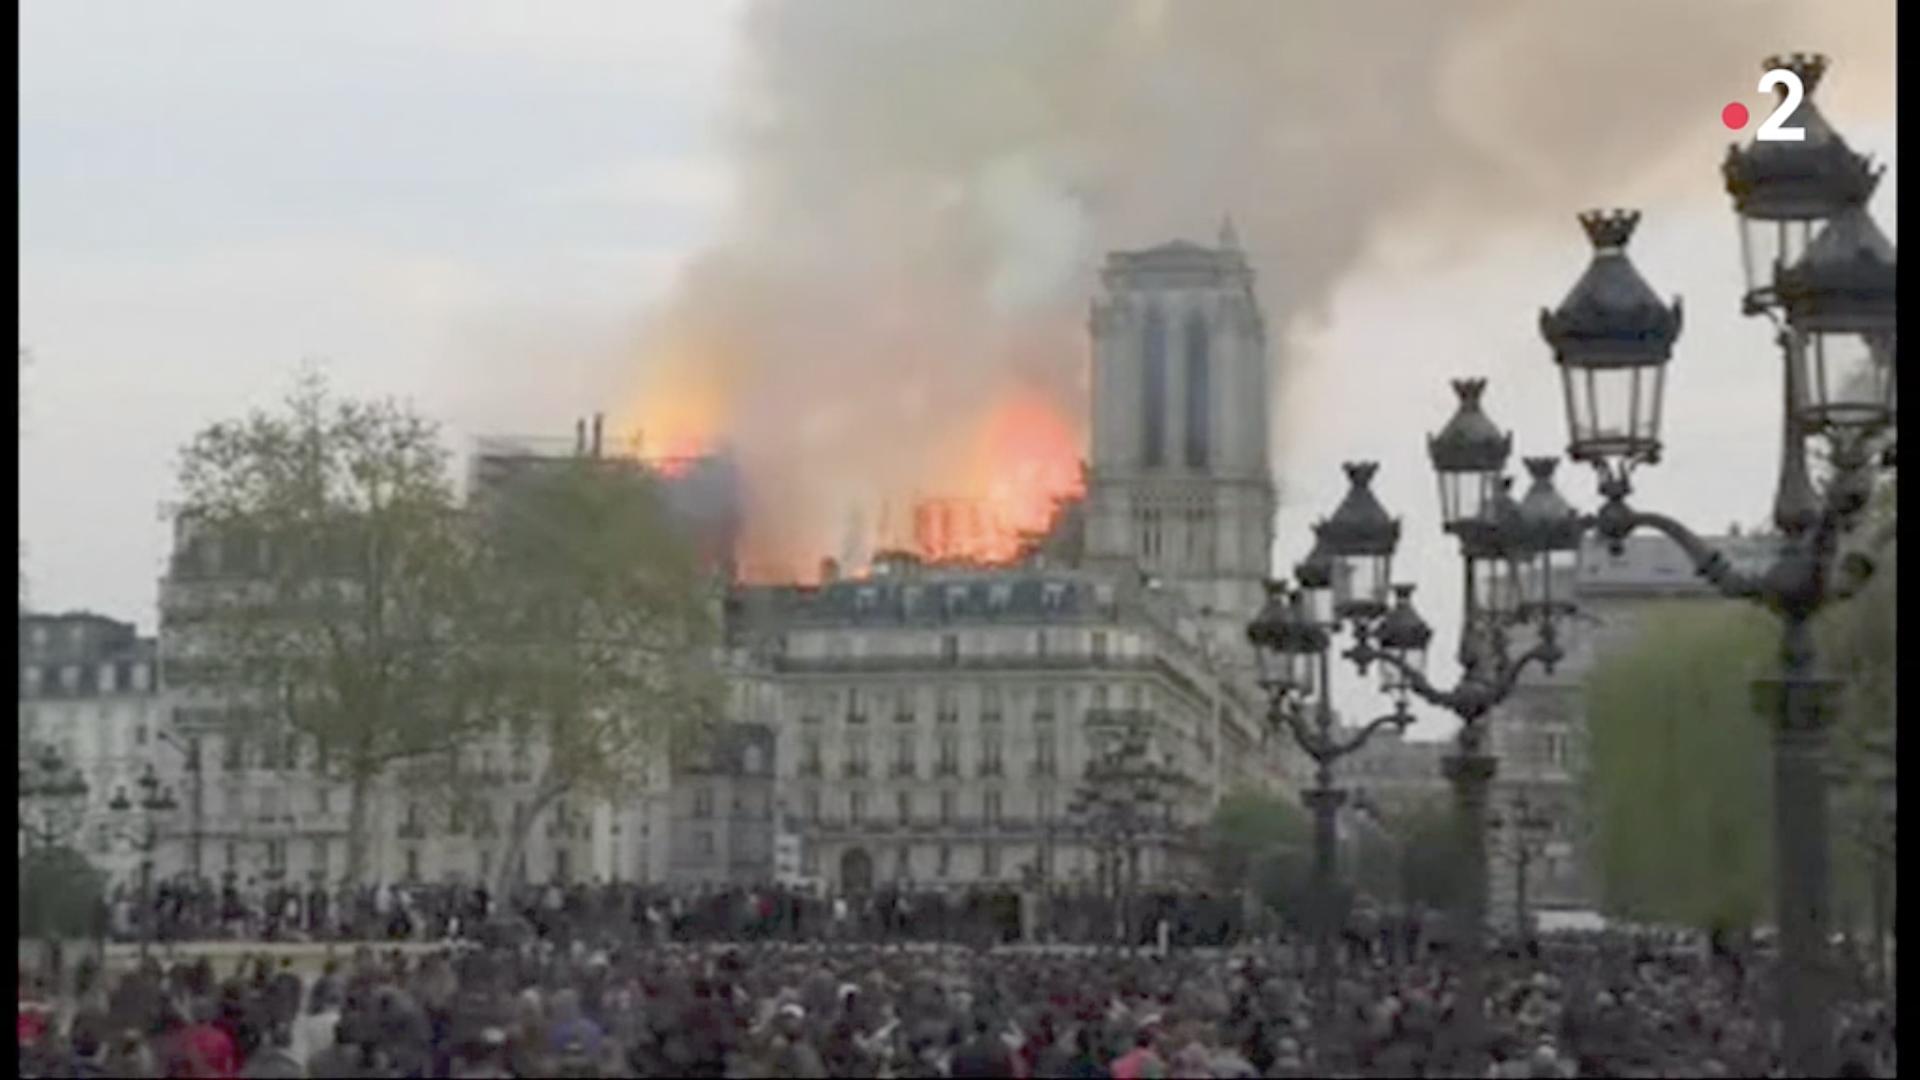 Incendie de Notre-Dame de Paris, capture @France2